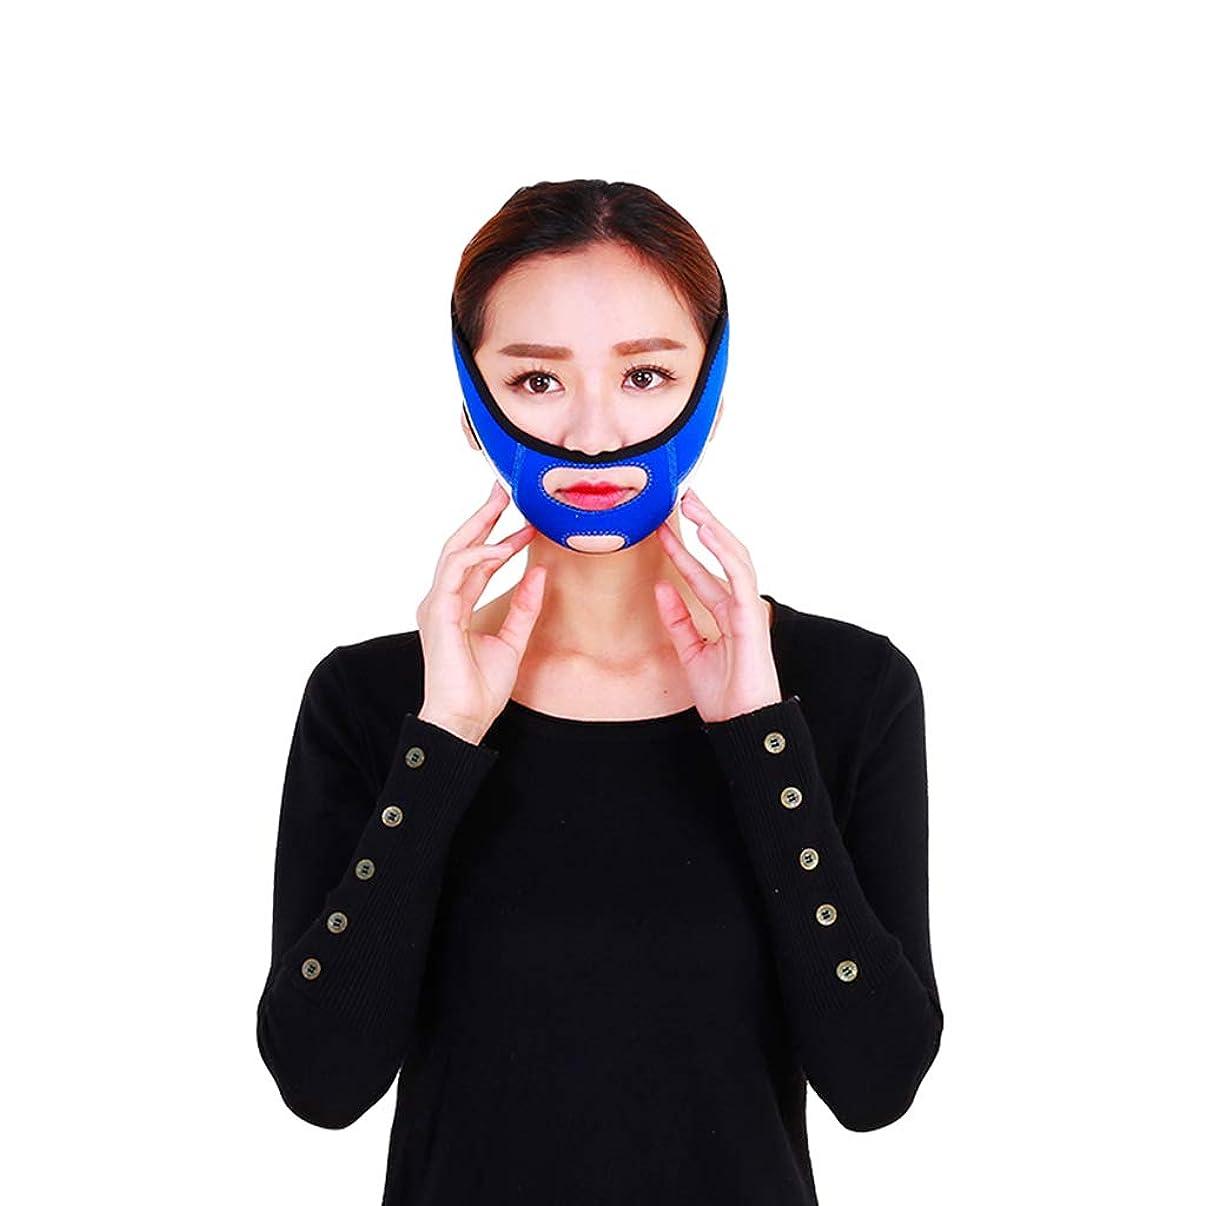 実業家バトル味わう滑り止め弾性ストレッチ包帯を強化するために口を調整する顔の顔のマスク